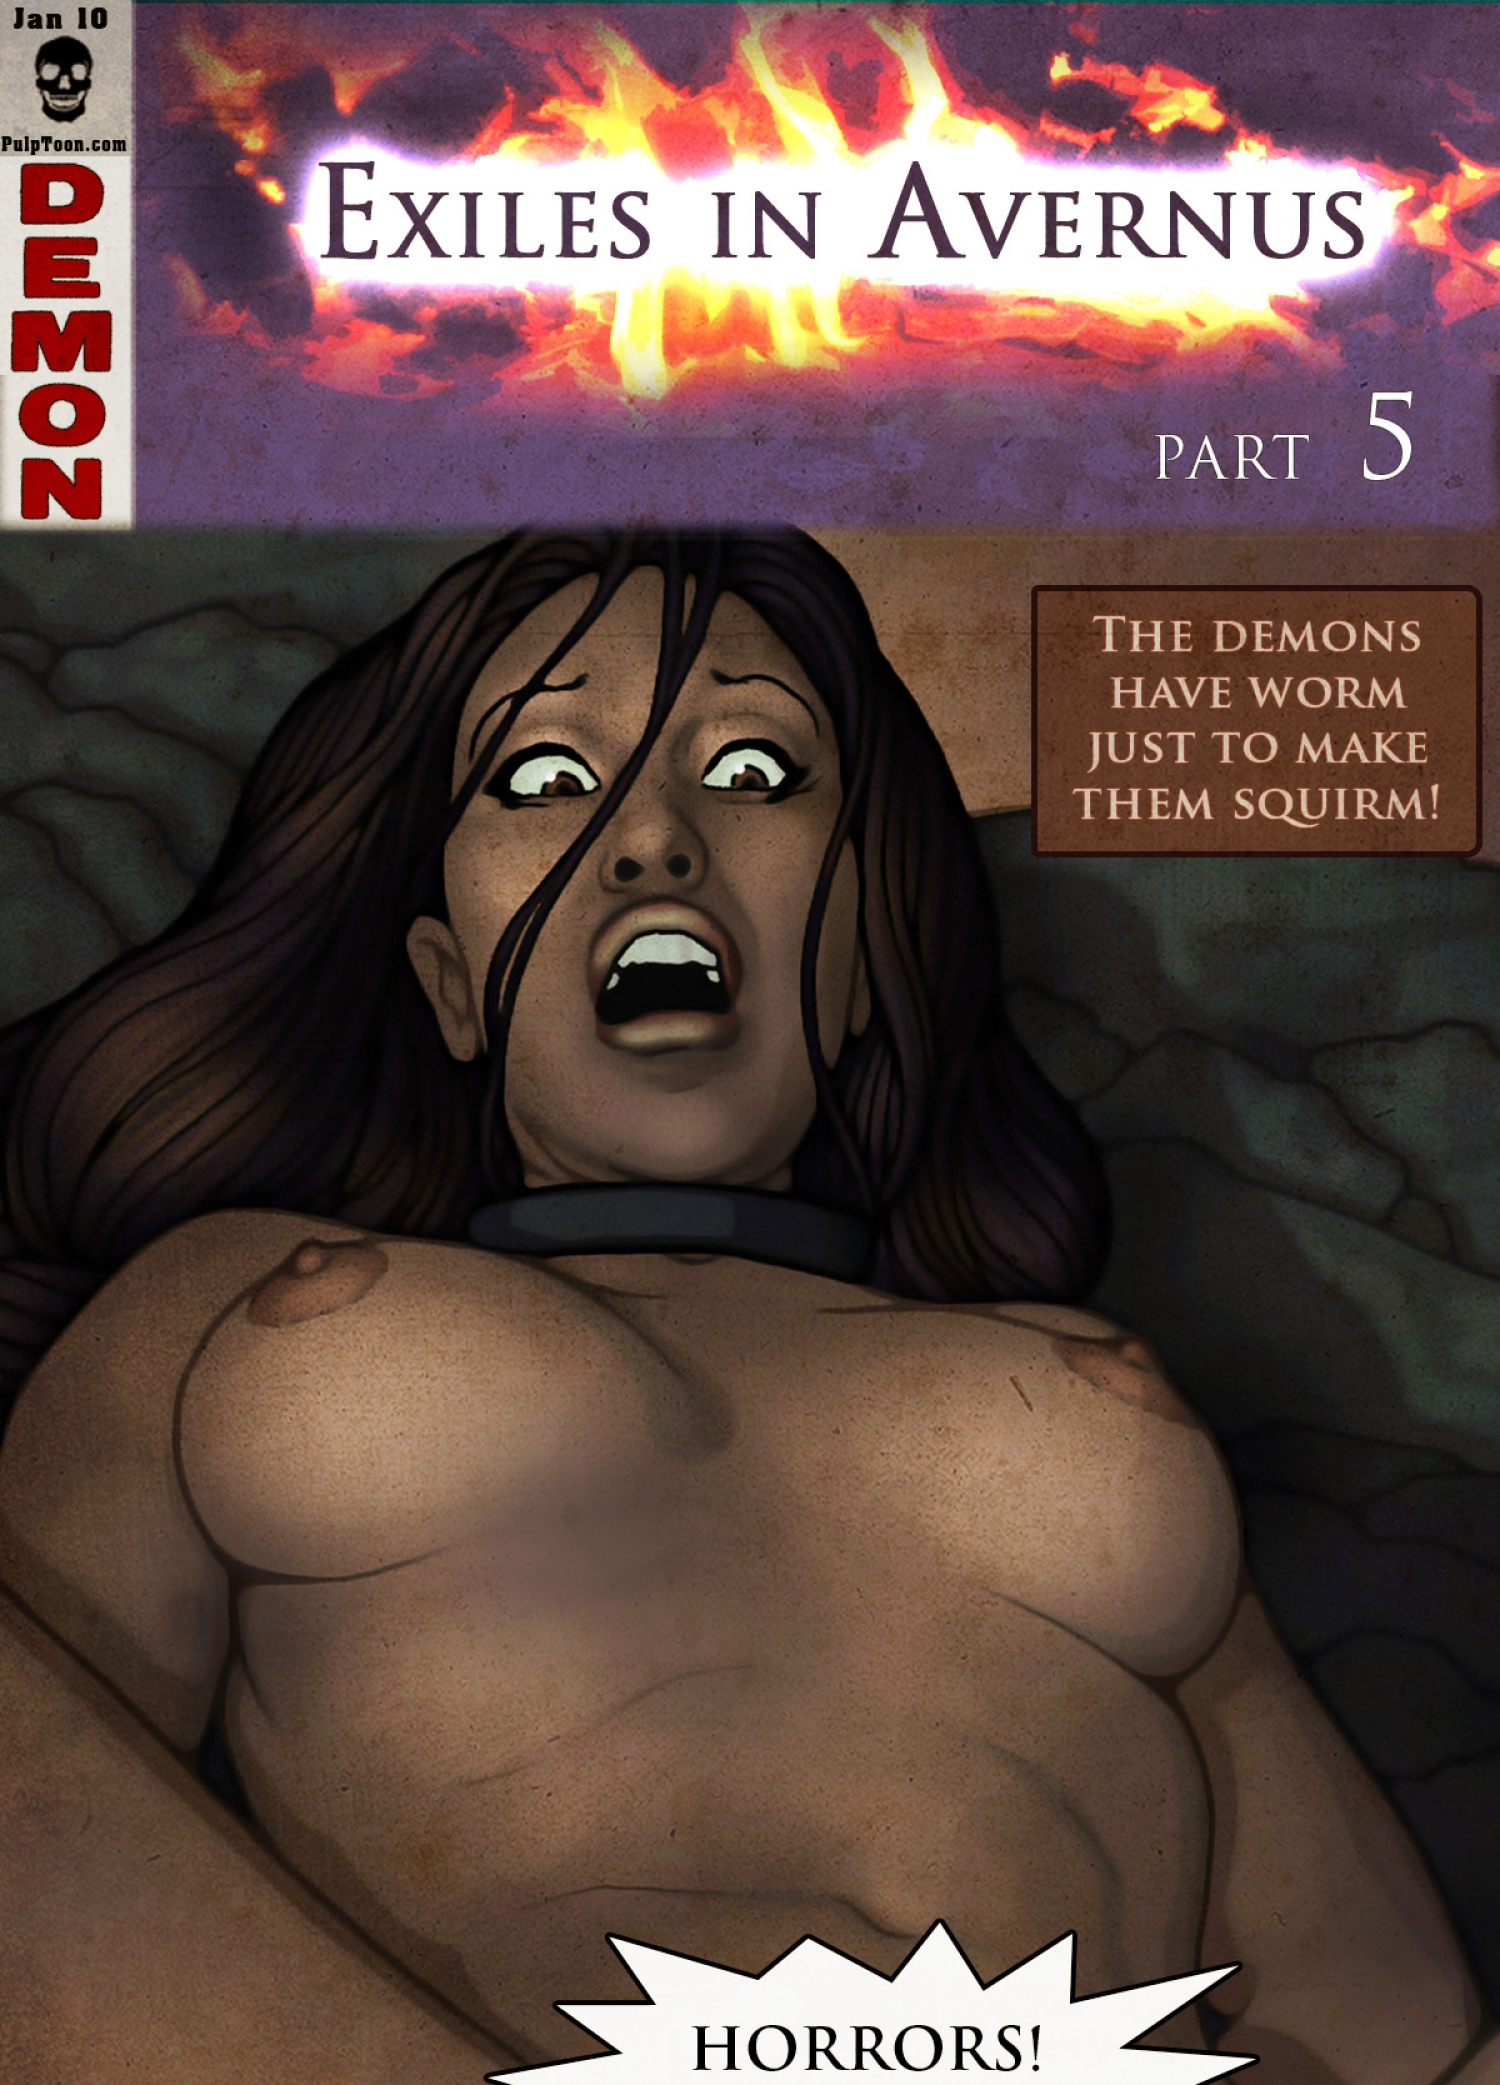 Pulptoon - Exiles in Avernus 1-5_Exiles in Avernus 5_page - (1).jpg